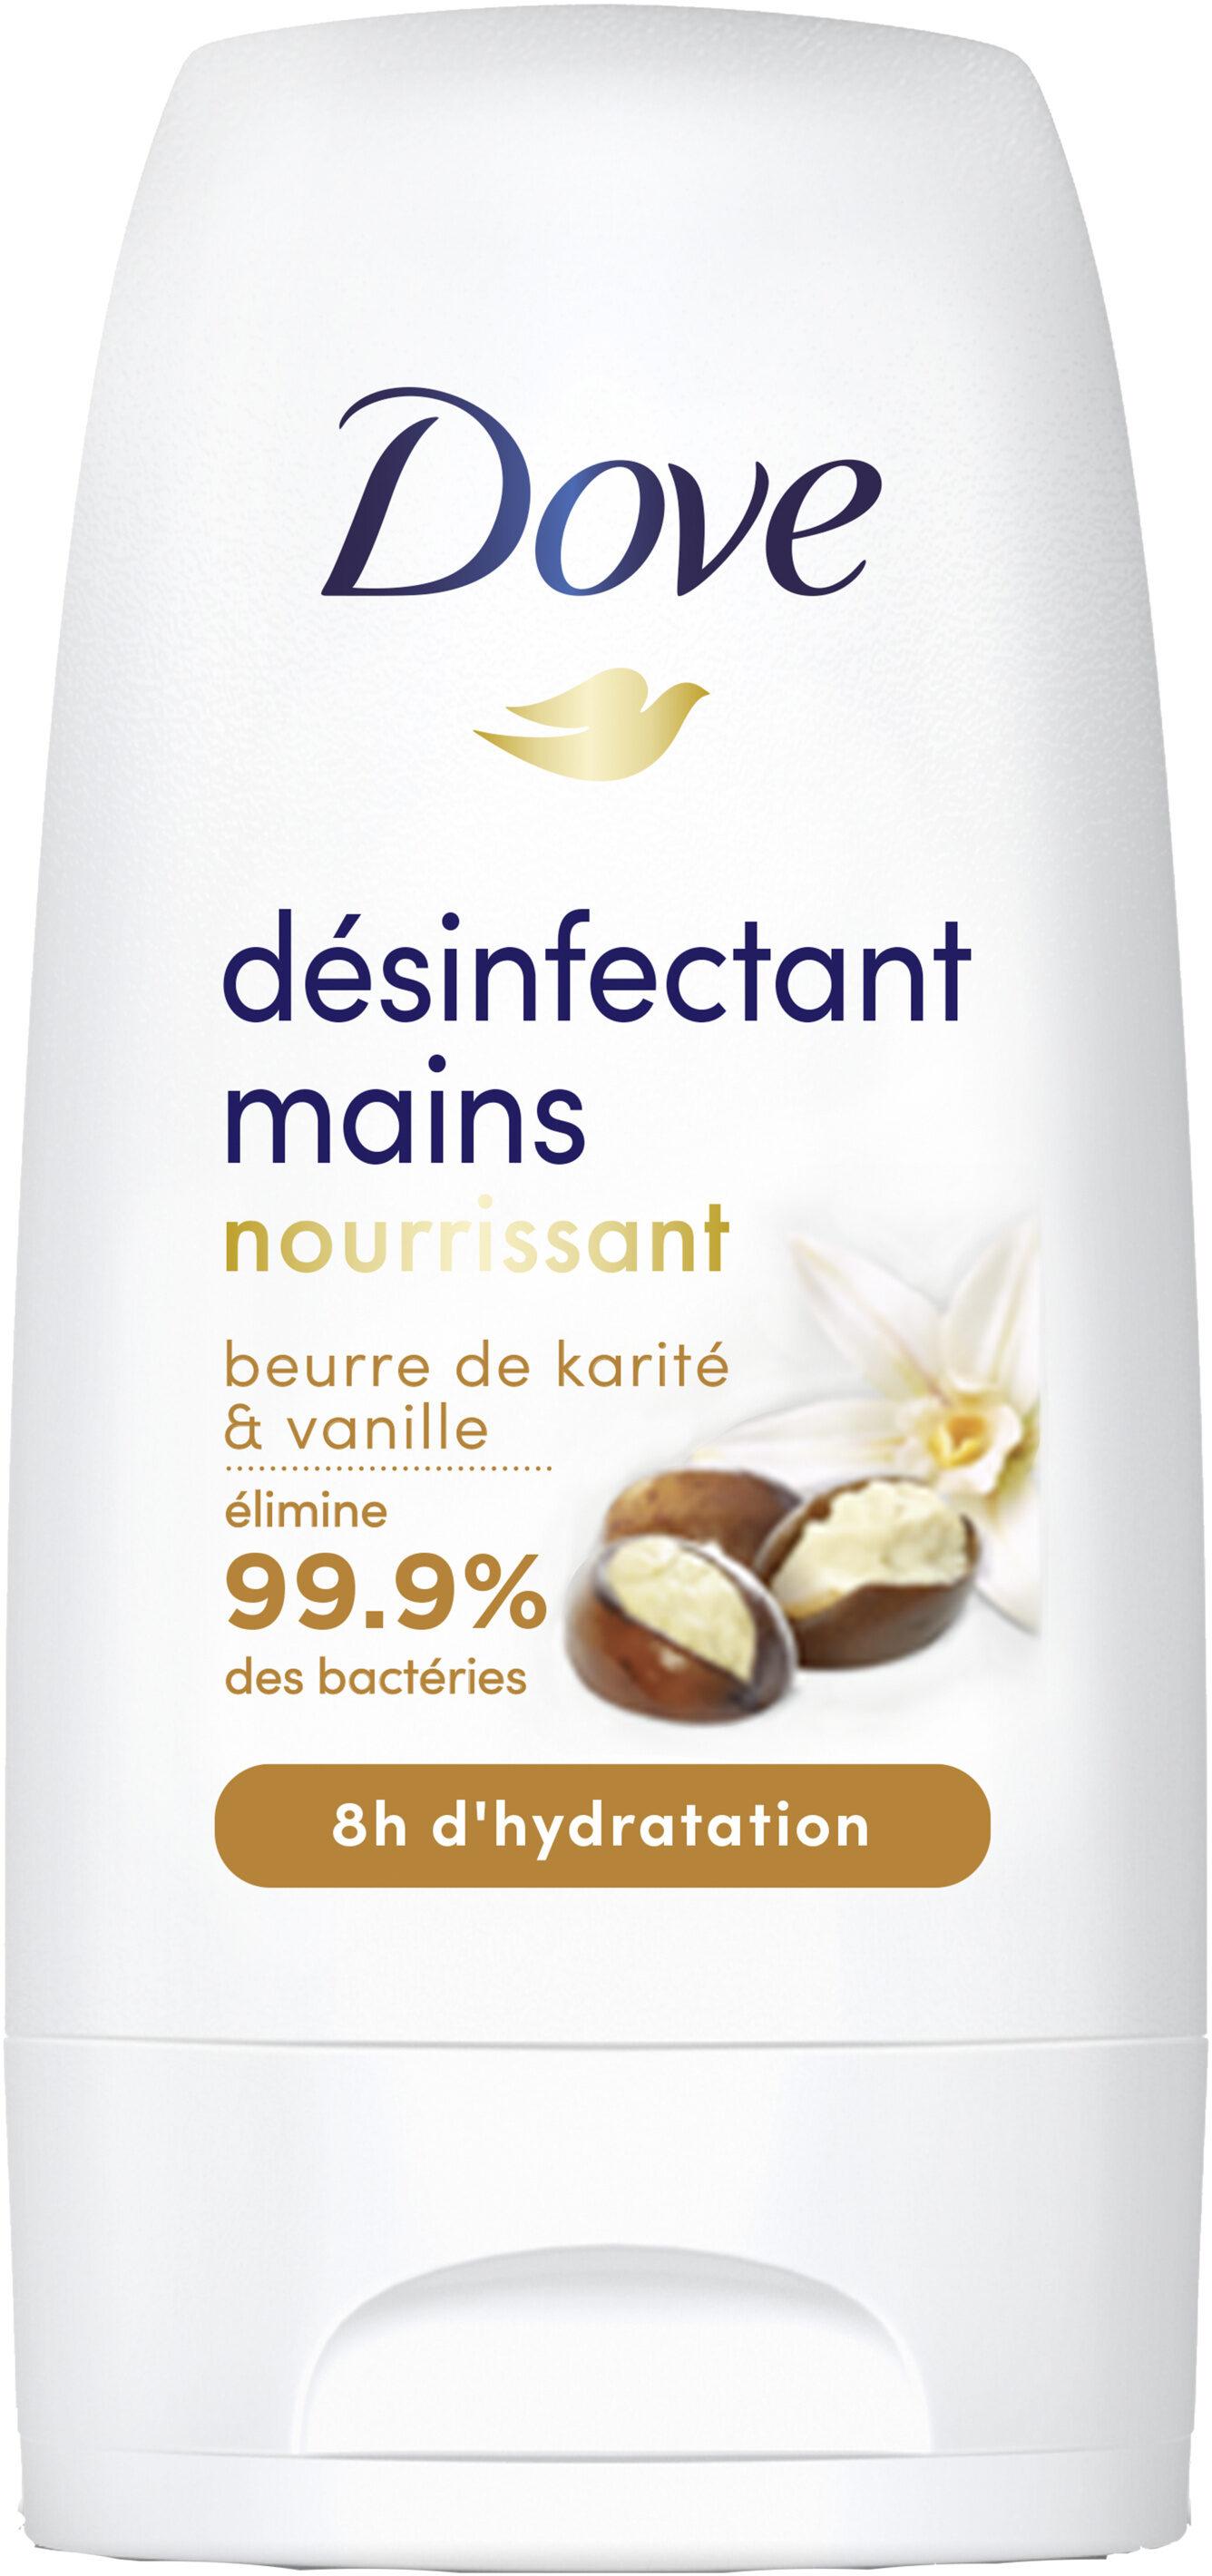 Dove Désinfectant Mains Nourrissant Beurre de Karité & Vanille - Product - fr